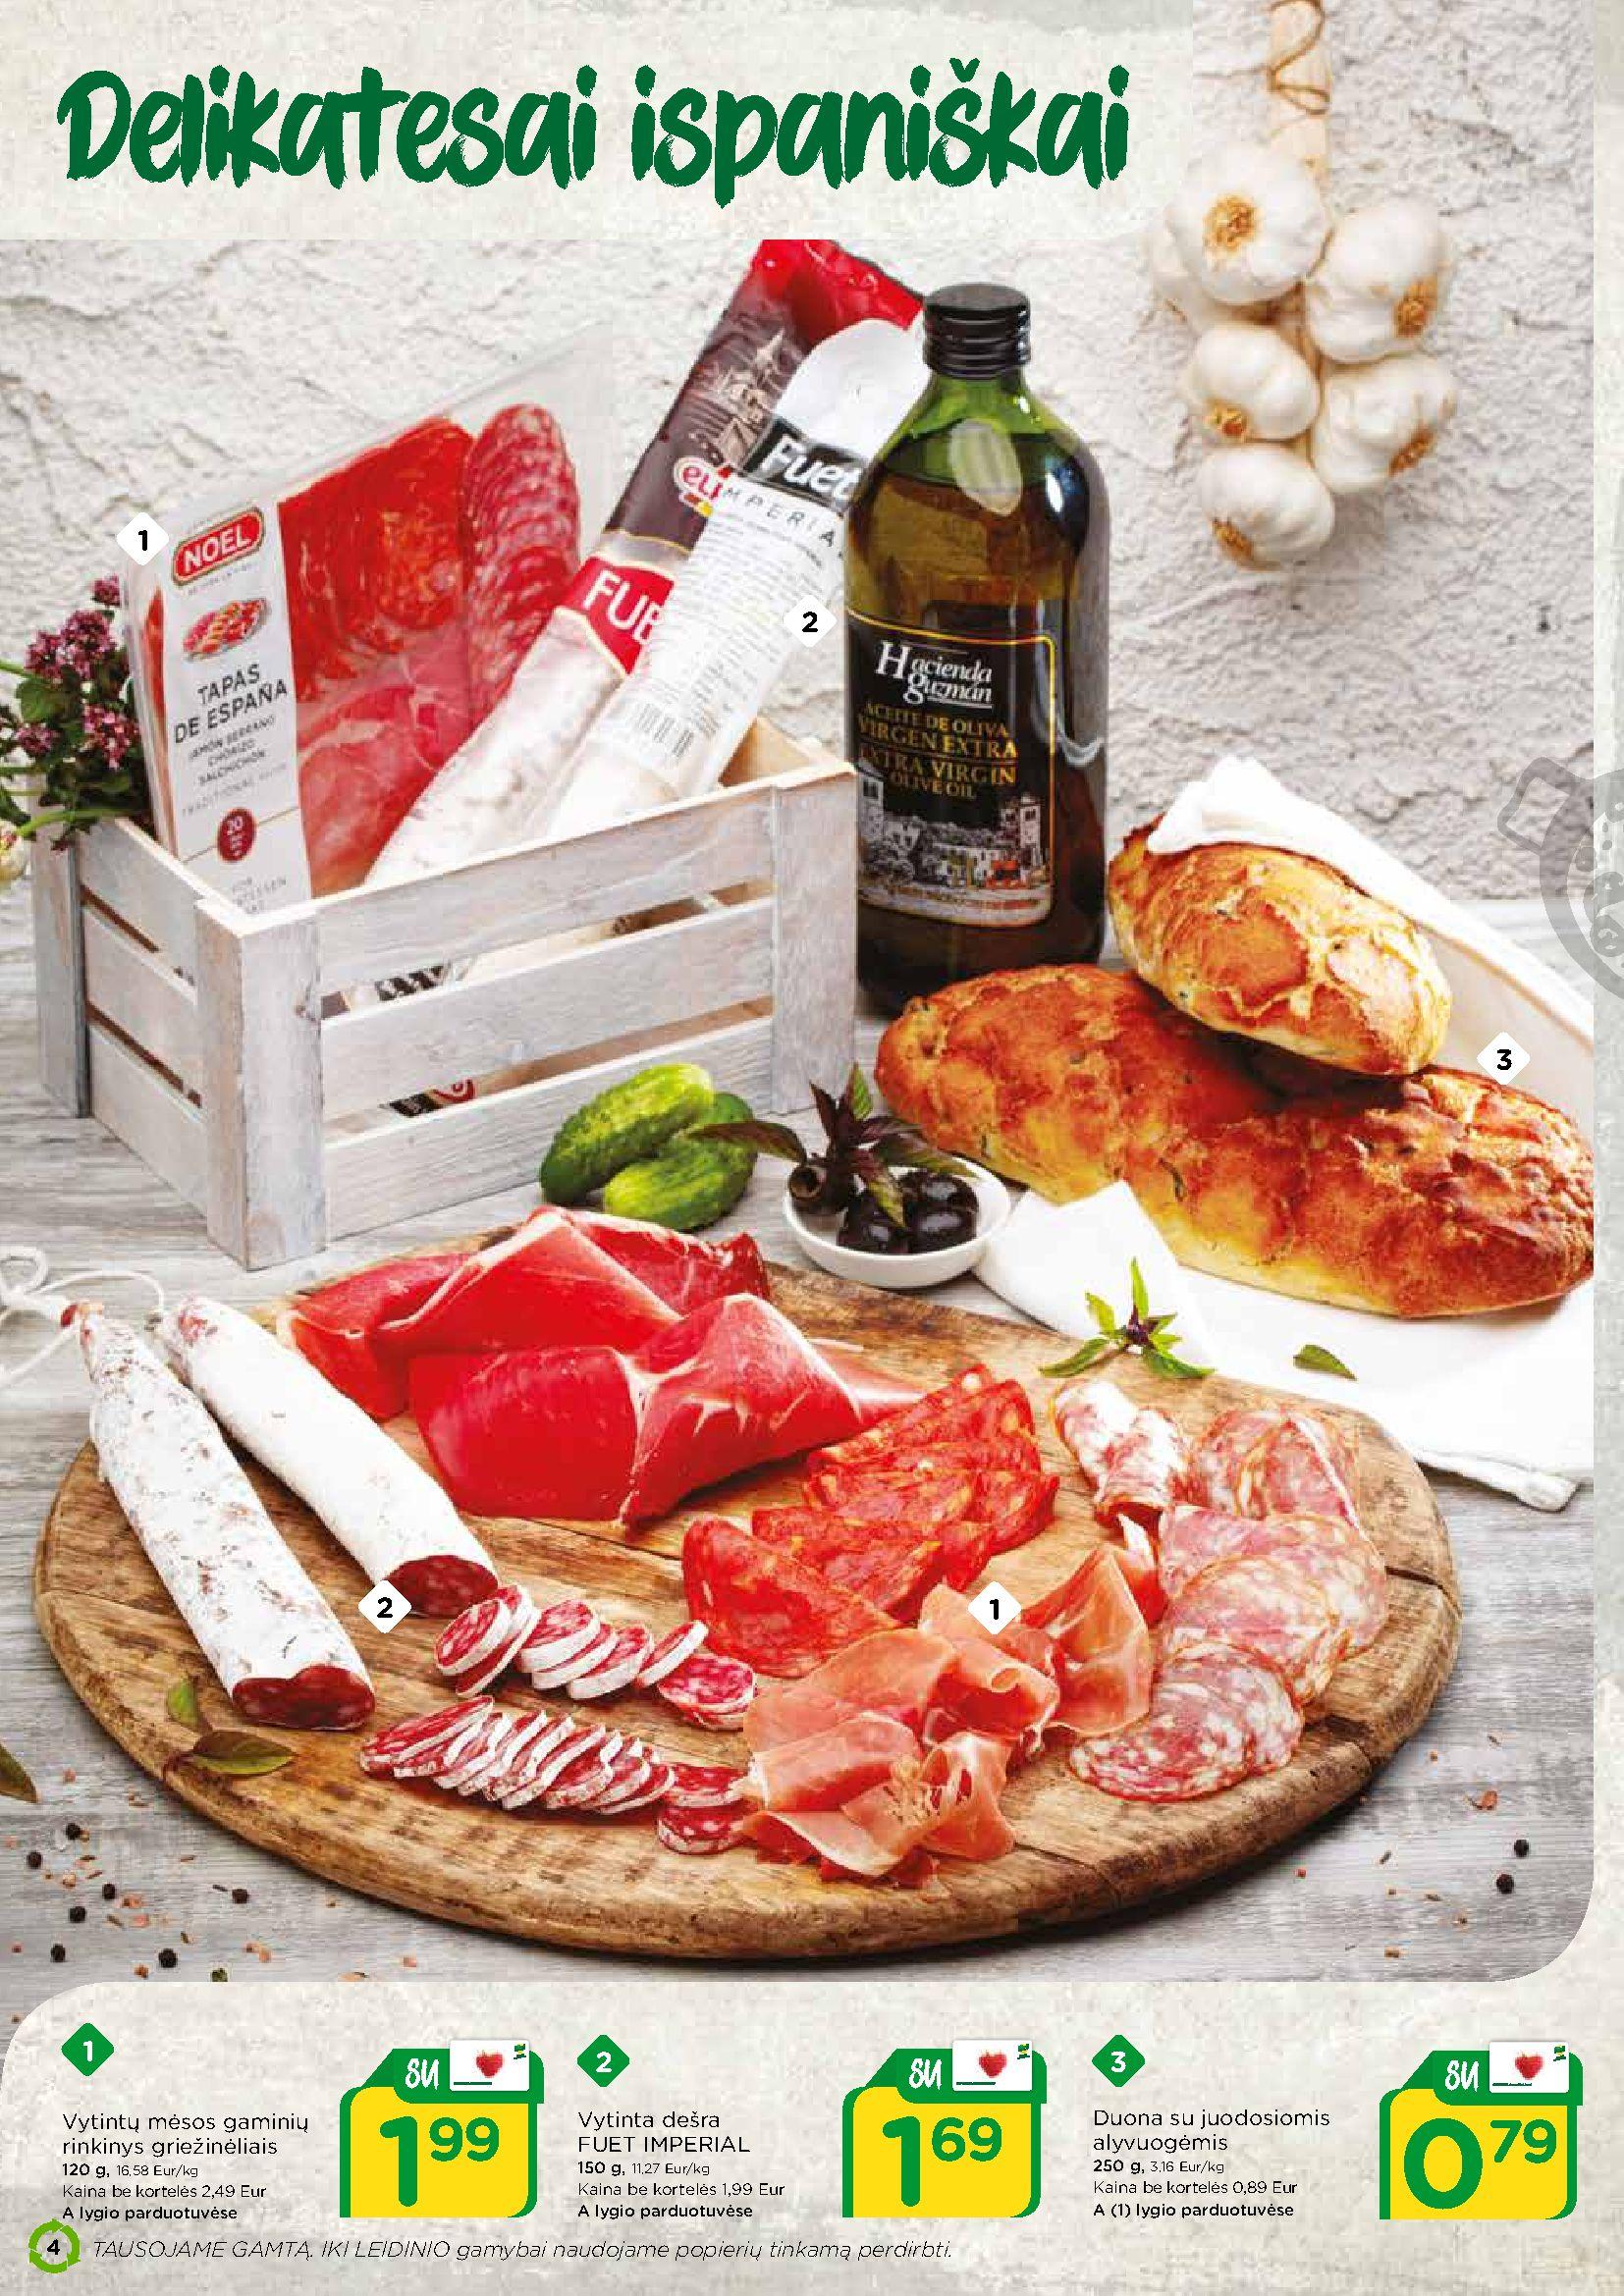 Geriausi Ispanijos ir Portugalijos receptai page 4